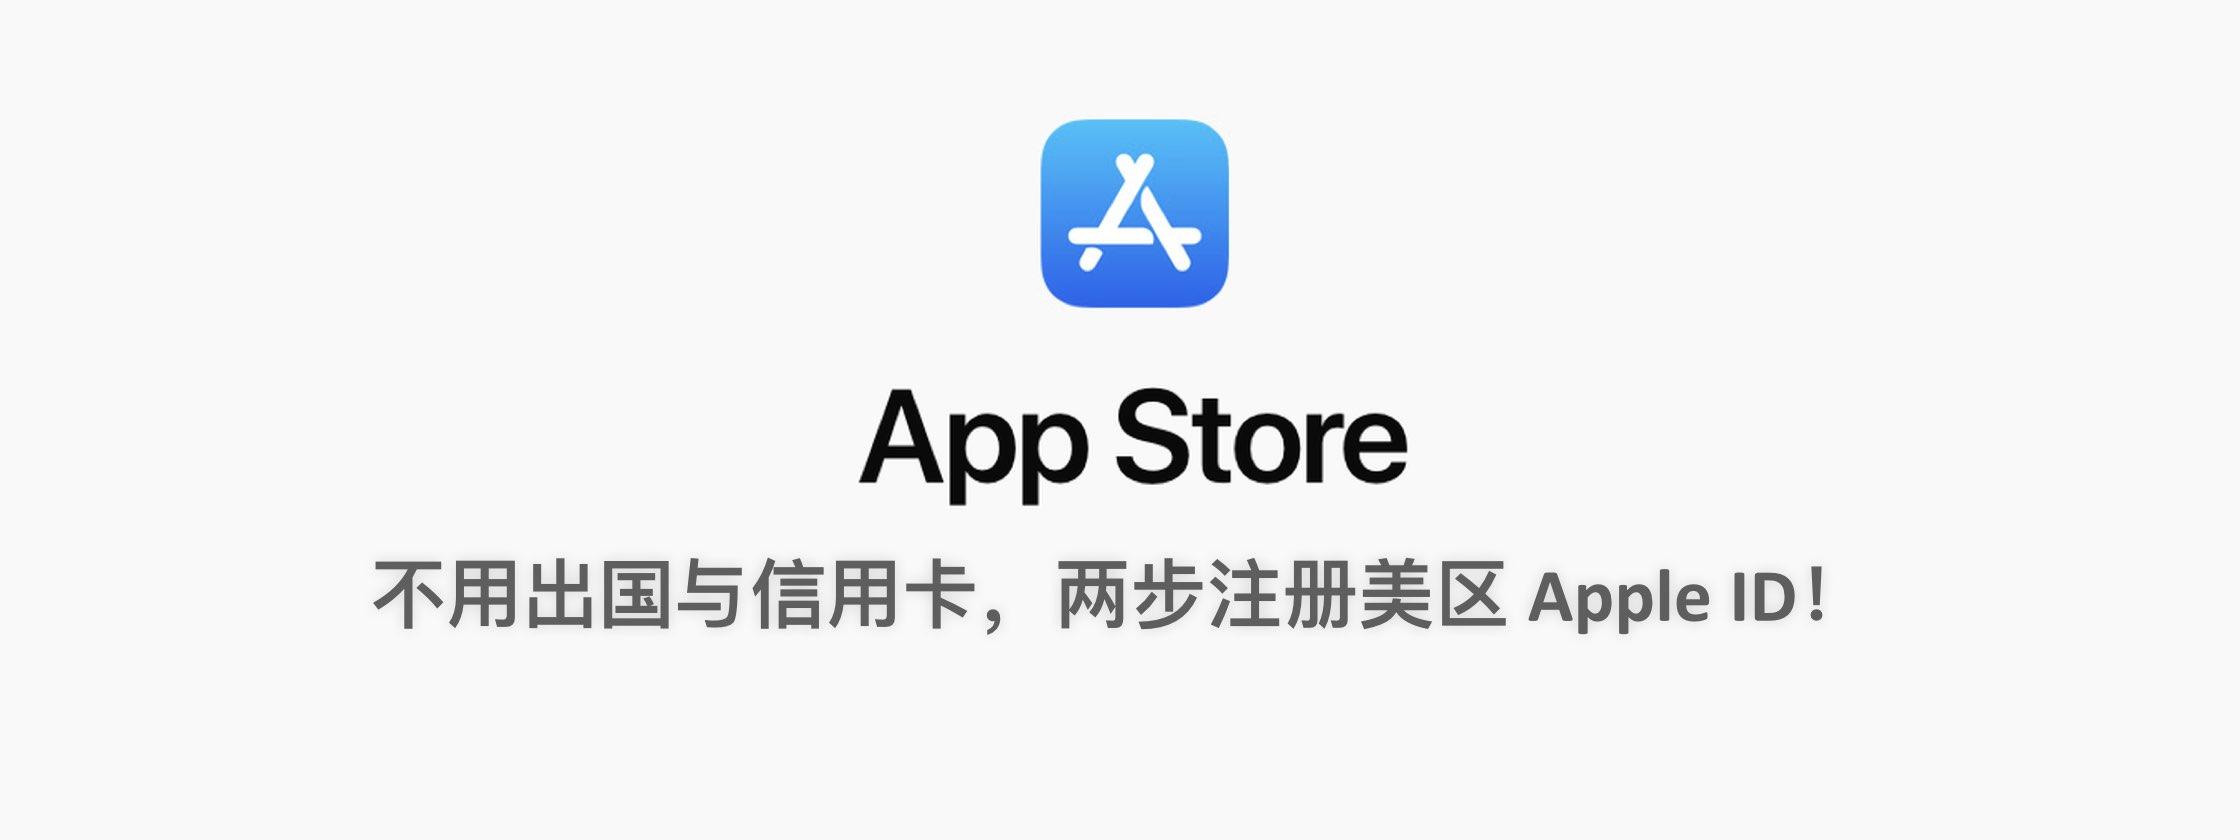 手把手教学:不用出国和信用卡,两步注册美区 Apple ID!